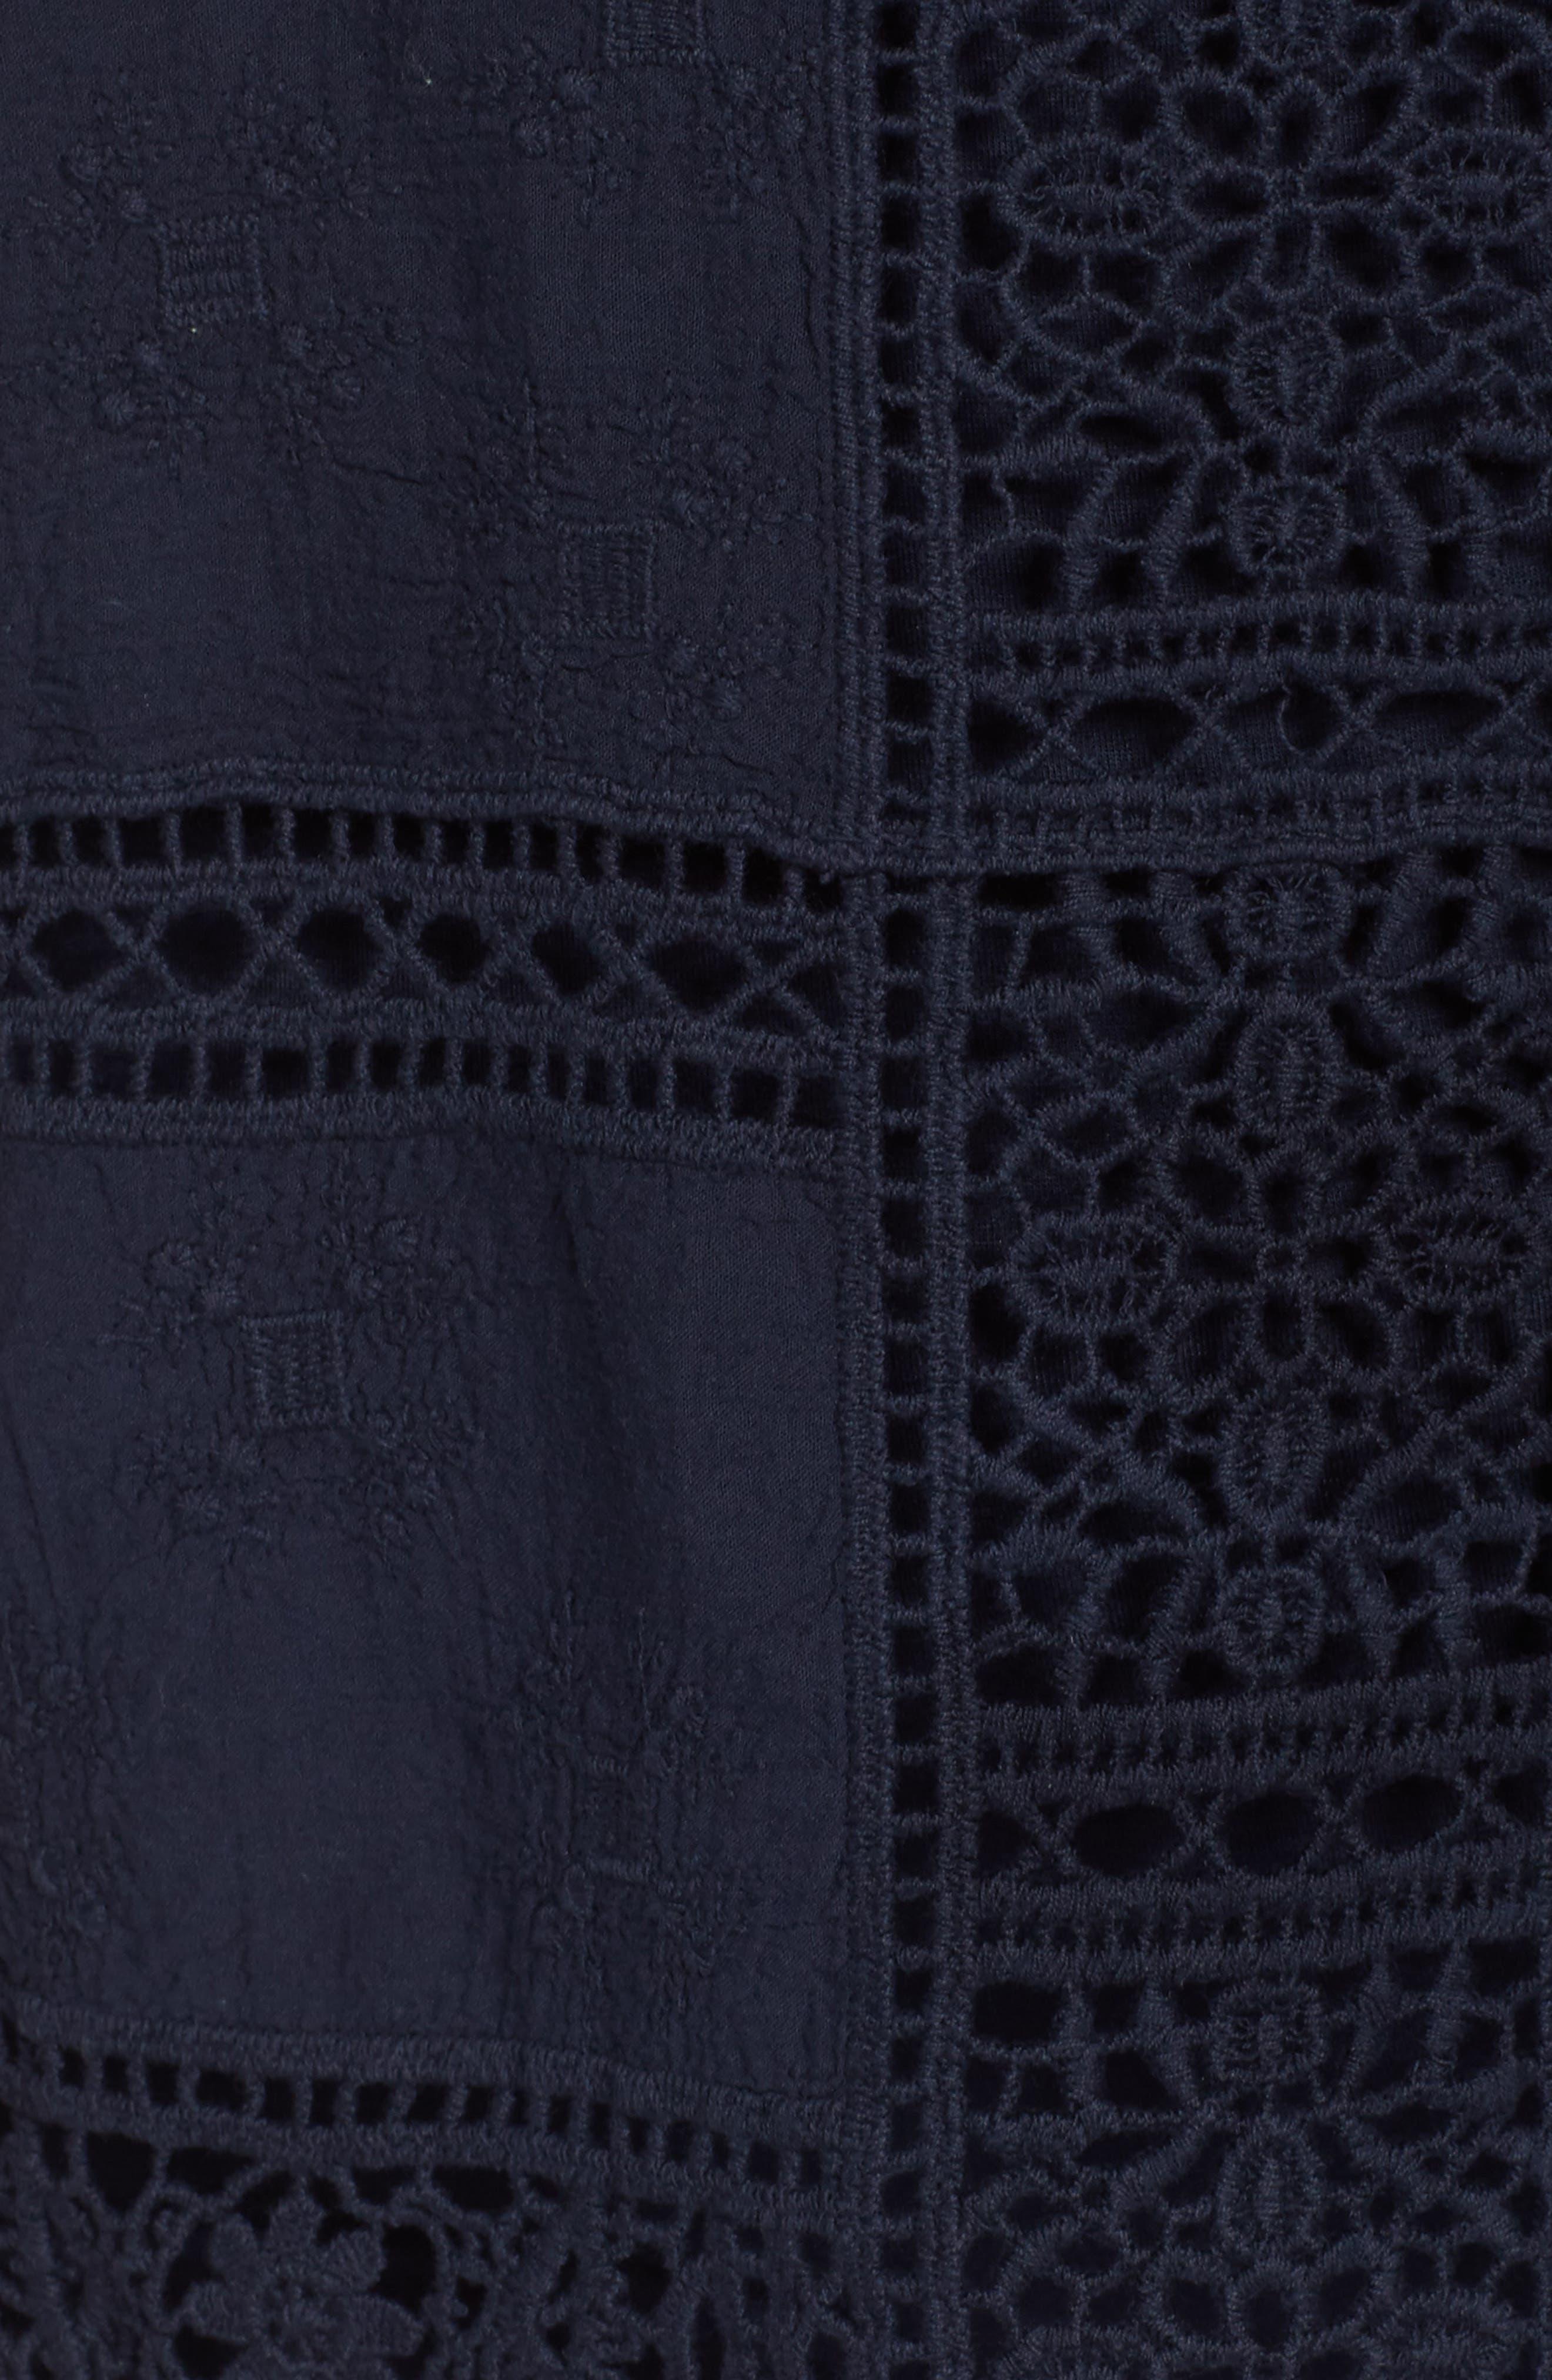 Flutter Sleeve Crochet Top,                             Alternate thumbnail 13, color,